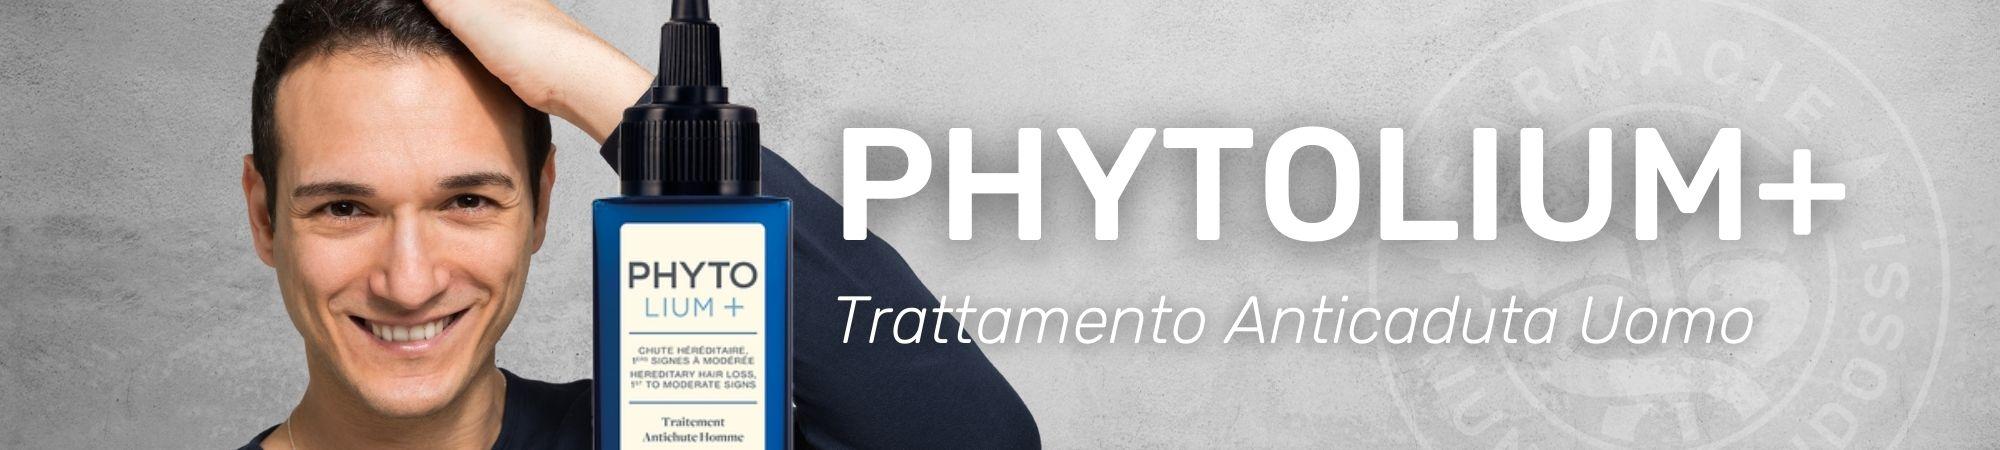 Phytolium+ Trattamento Capelli Anticaduta Uomo